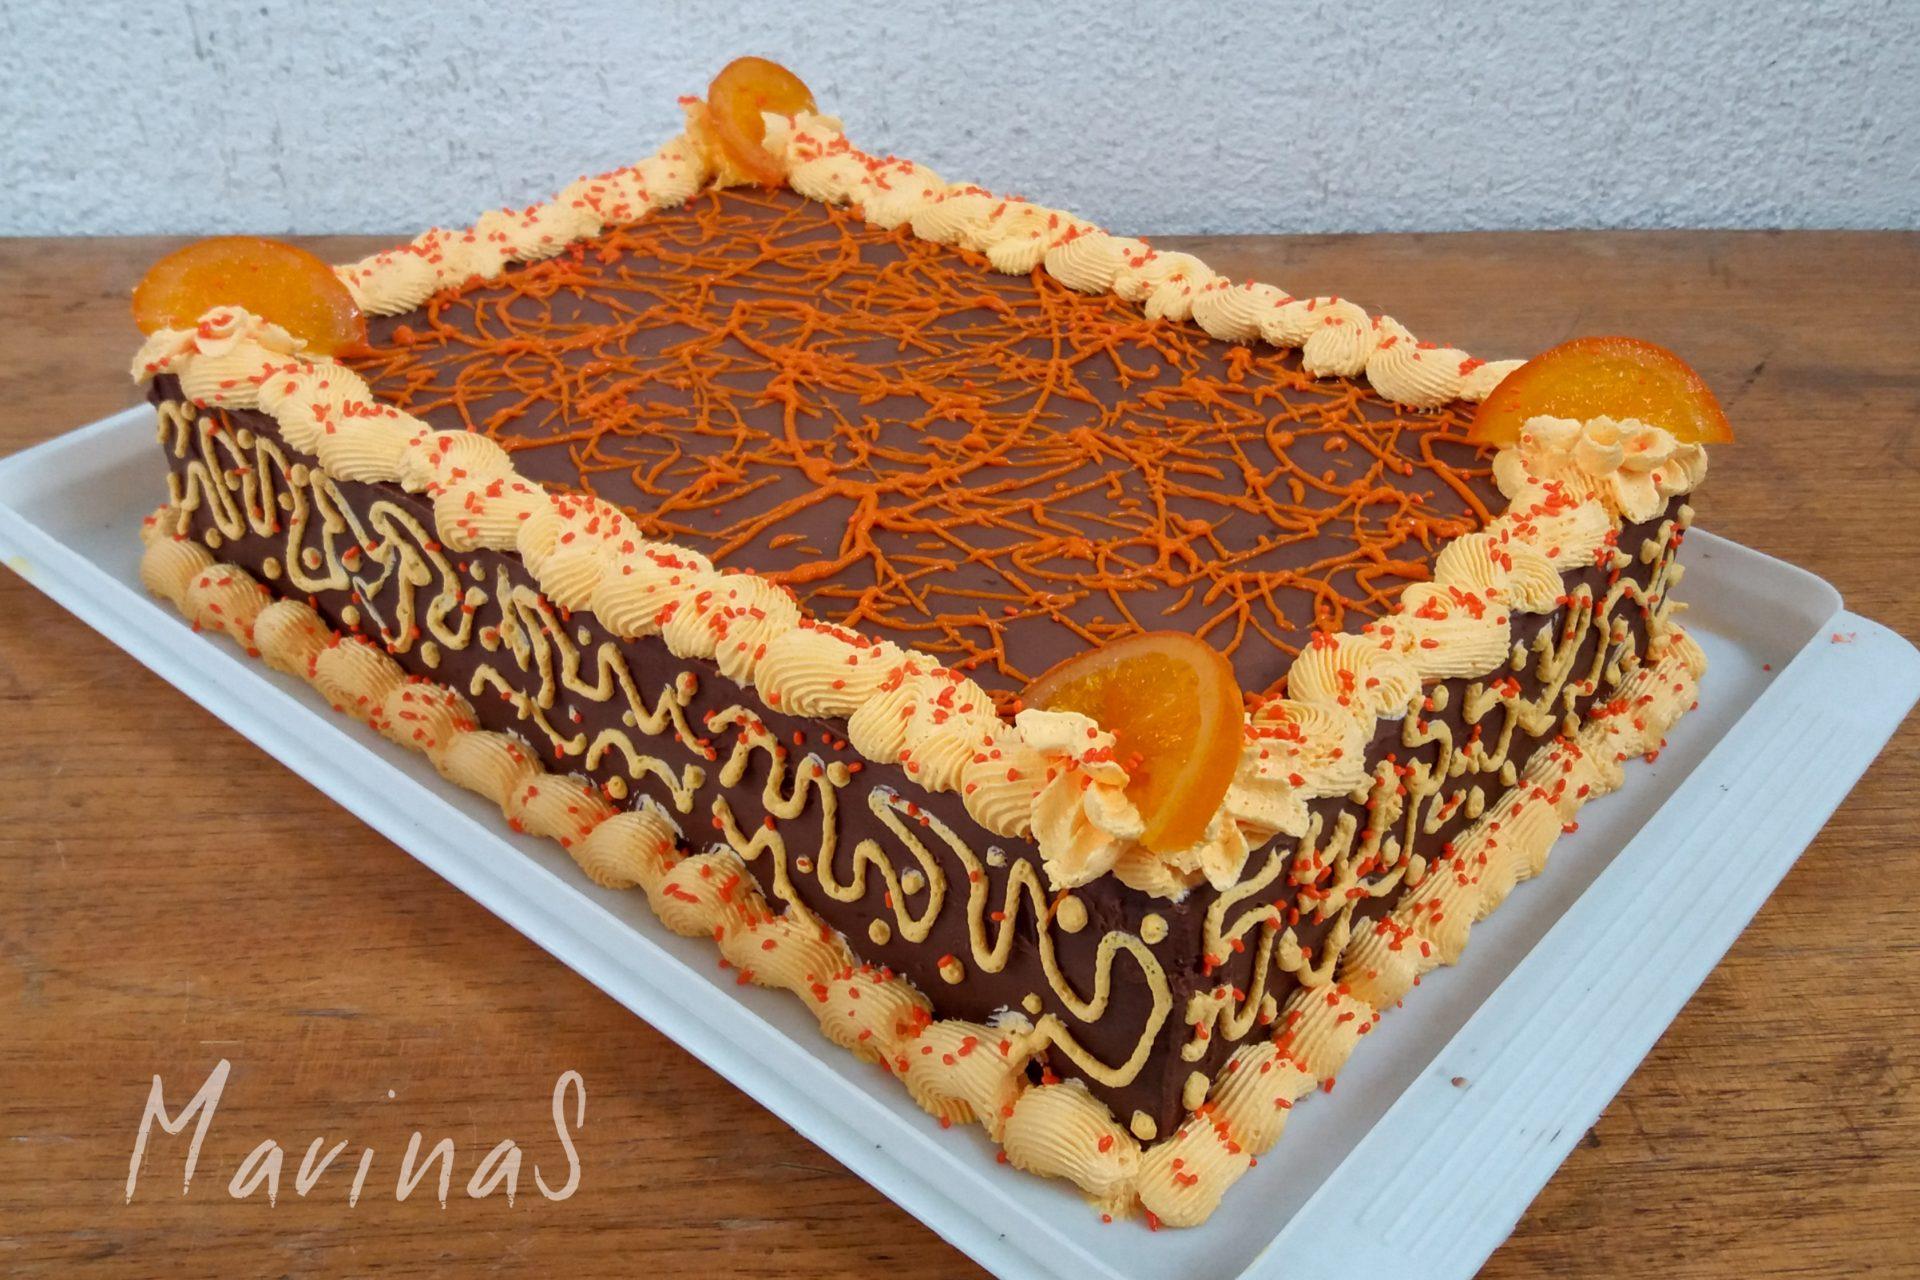 Cokoladna-jaffa-torta-92